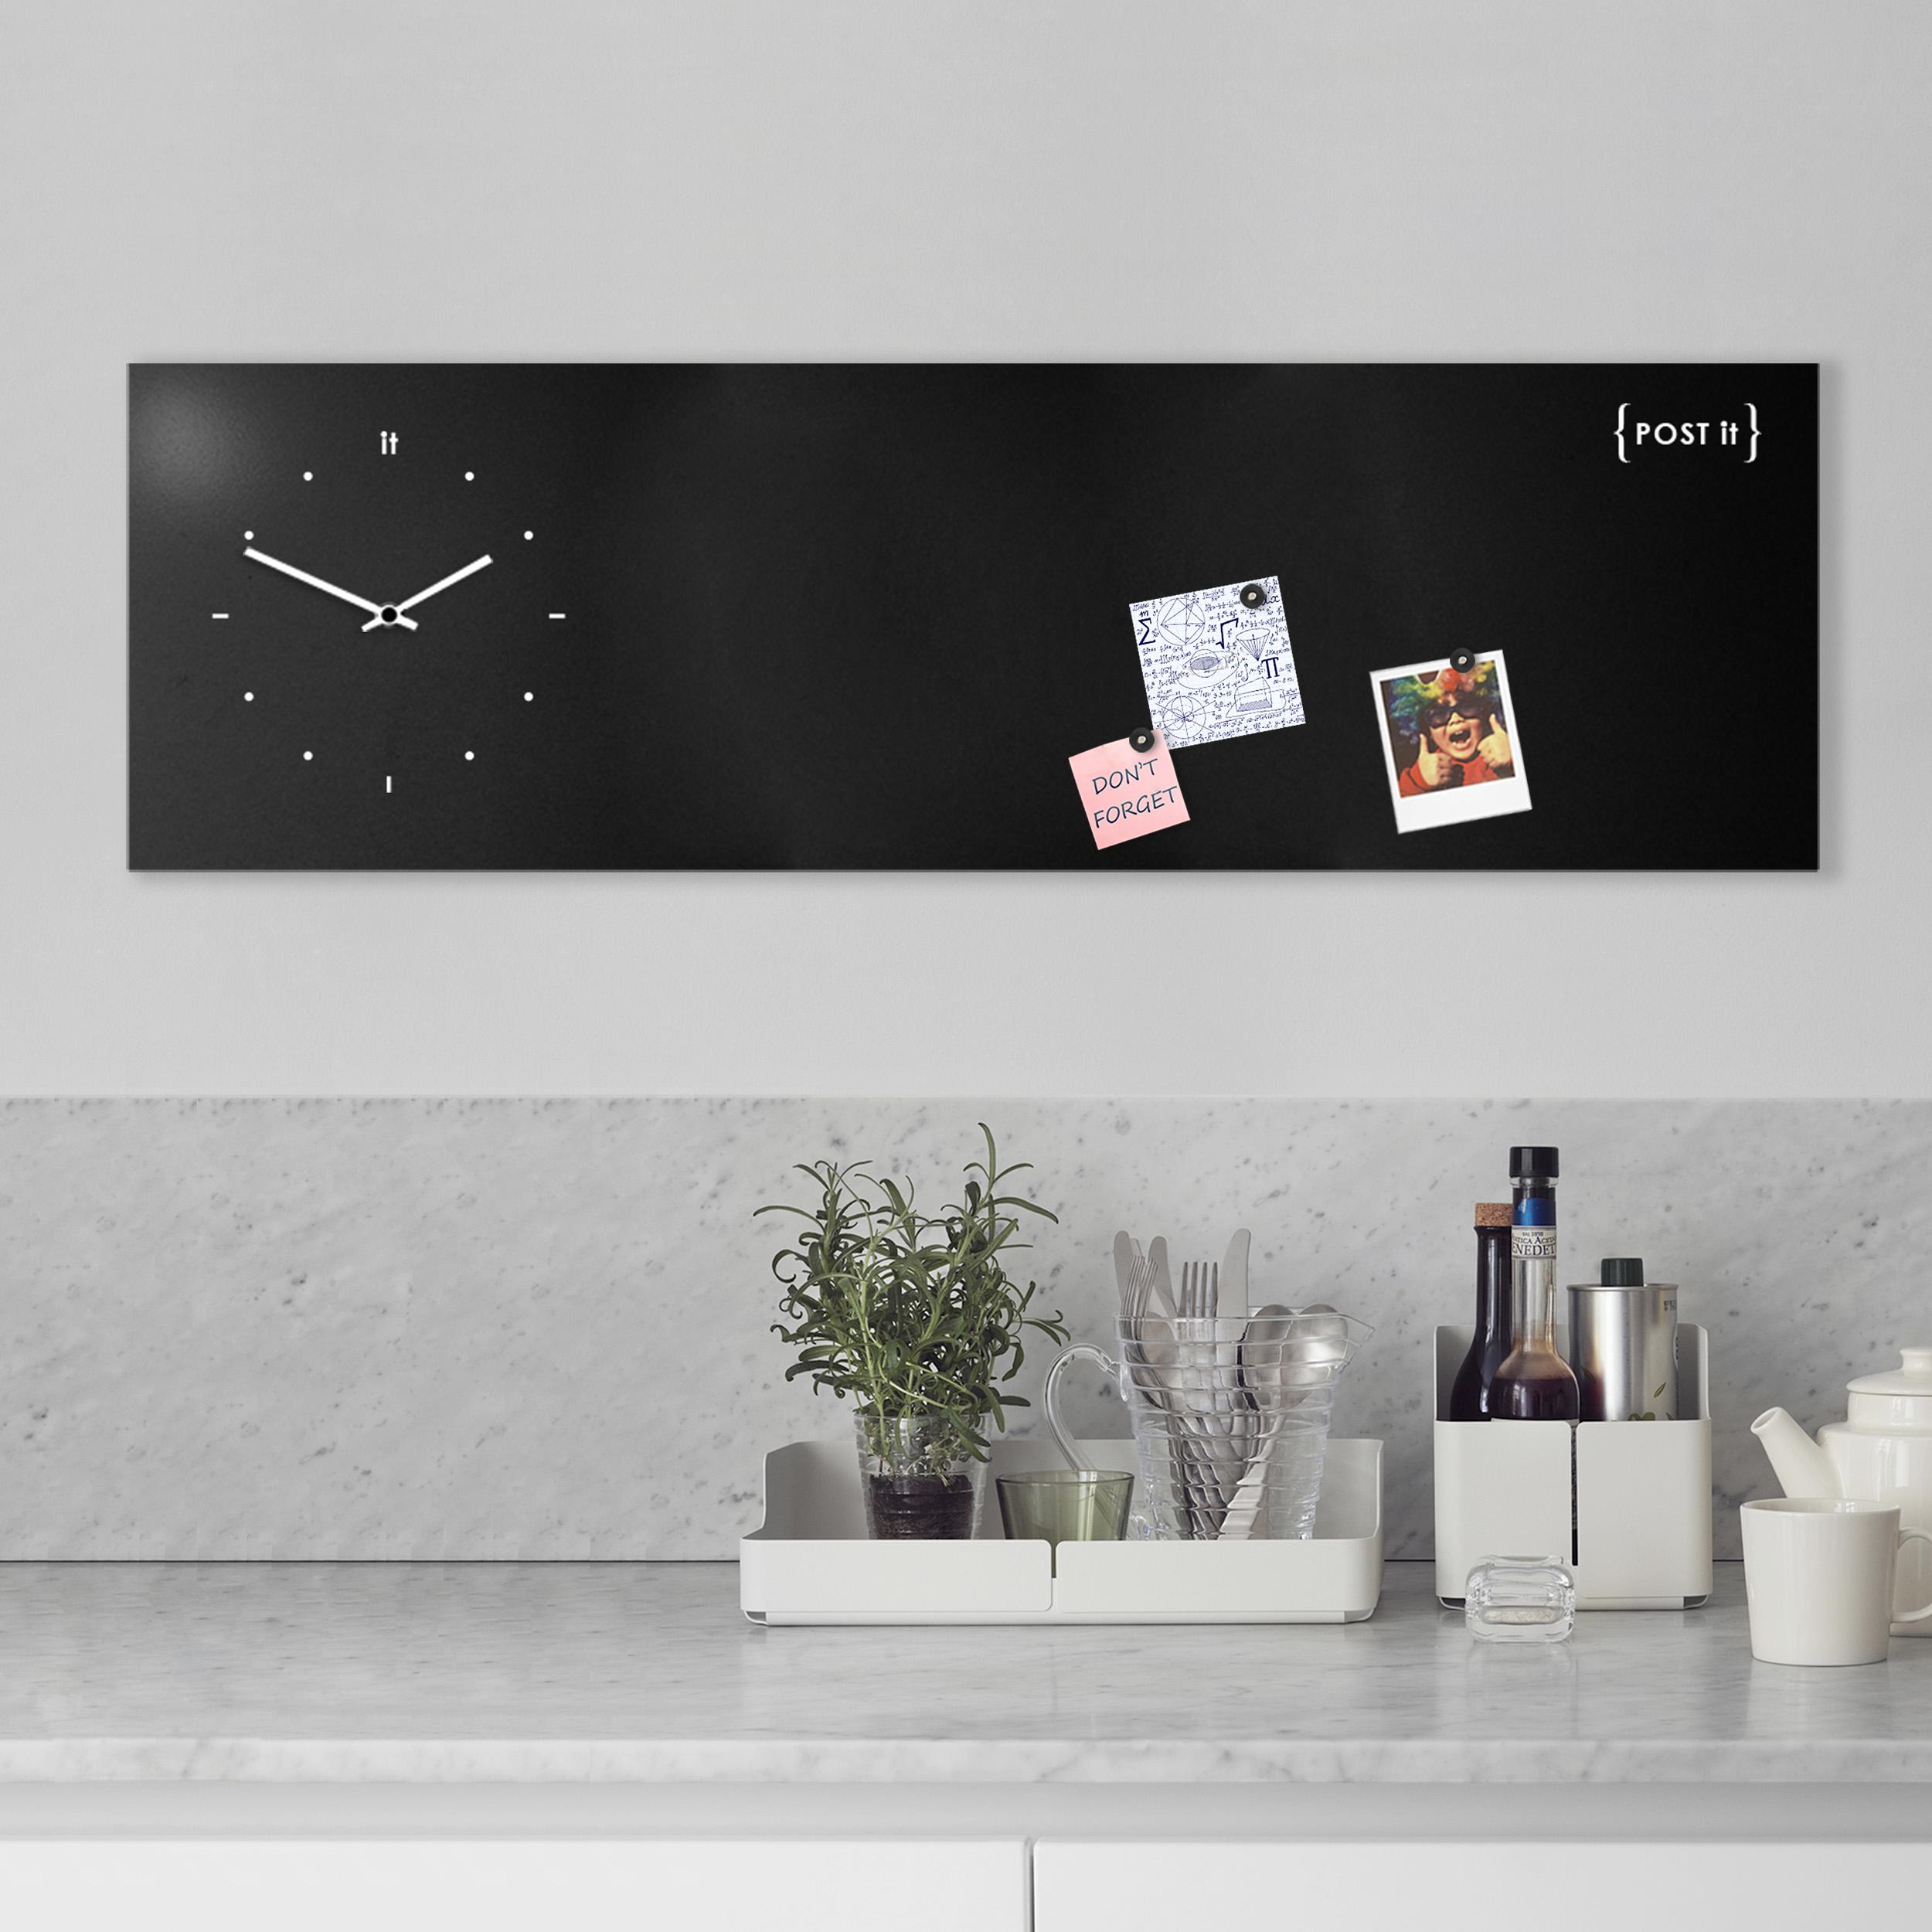 Orologio di design lavagna magnetica post it designobject - Lavagna da cucina ...